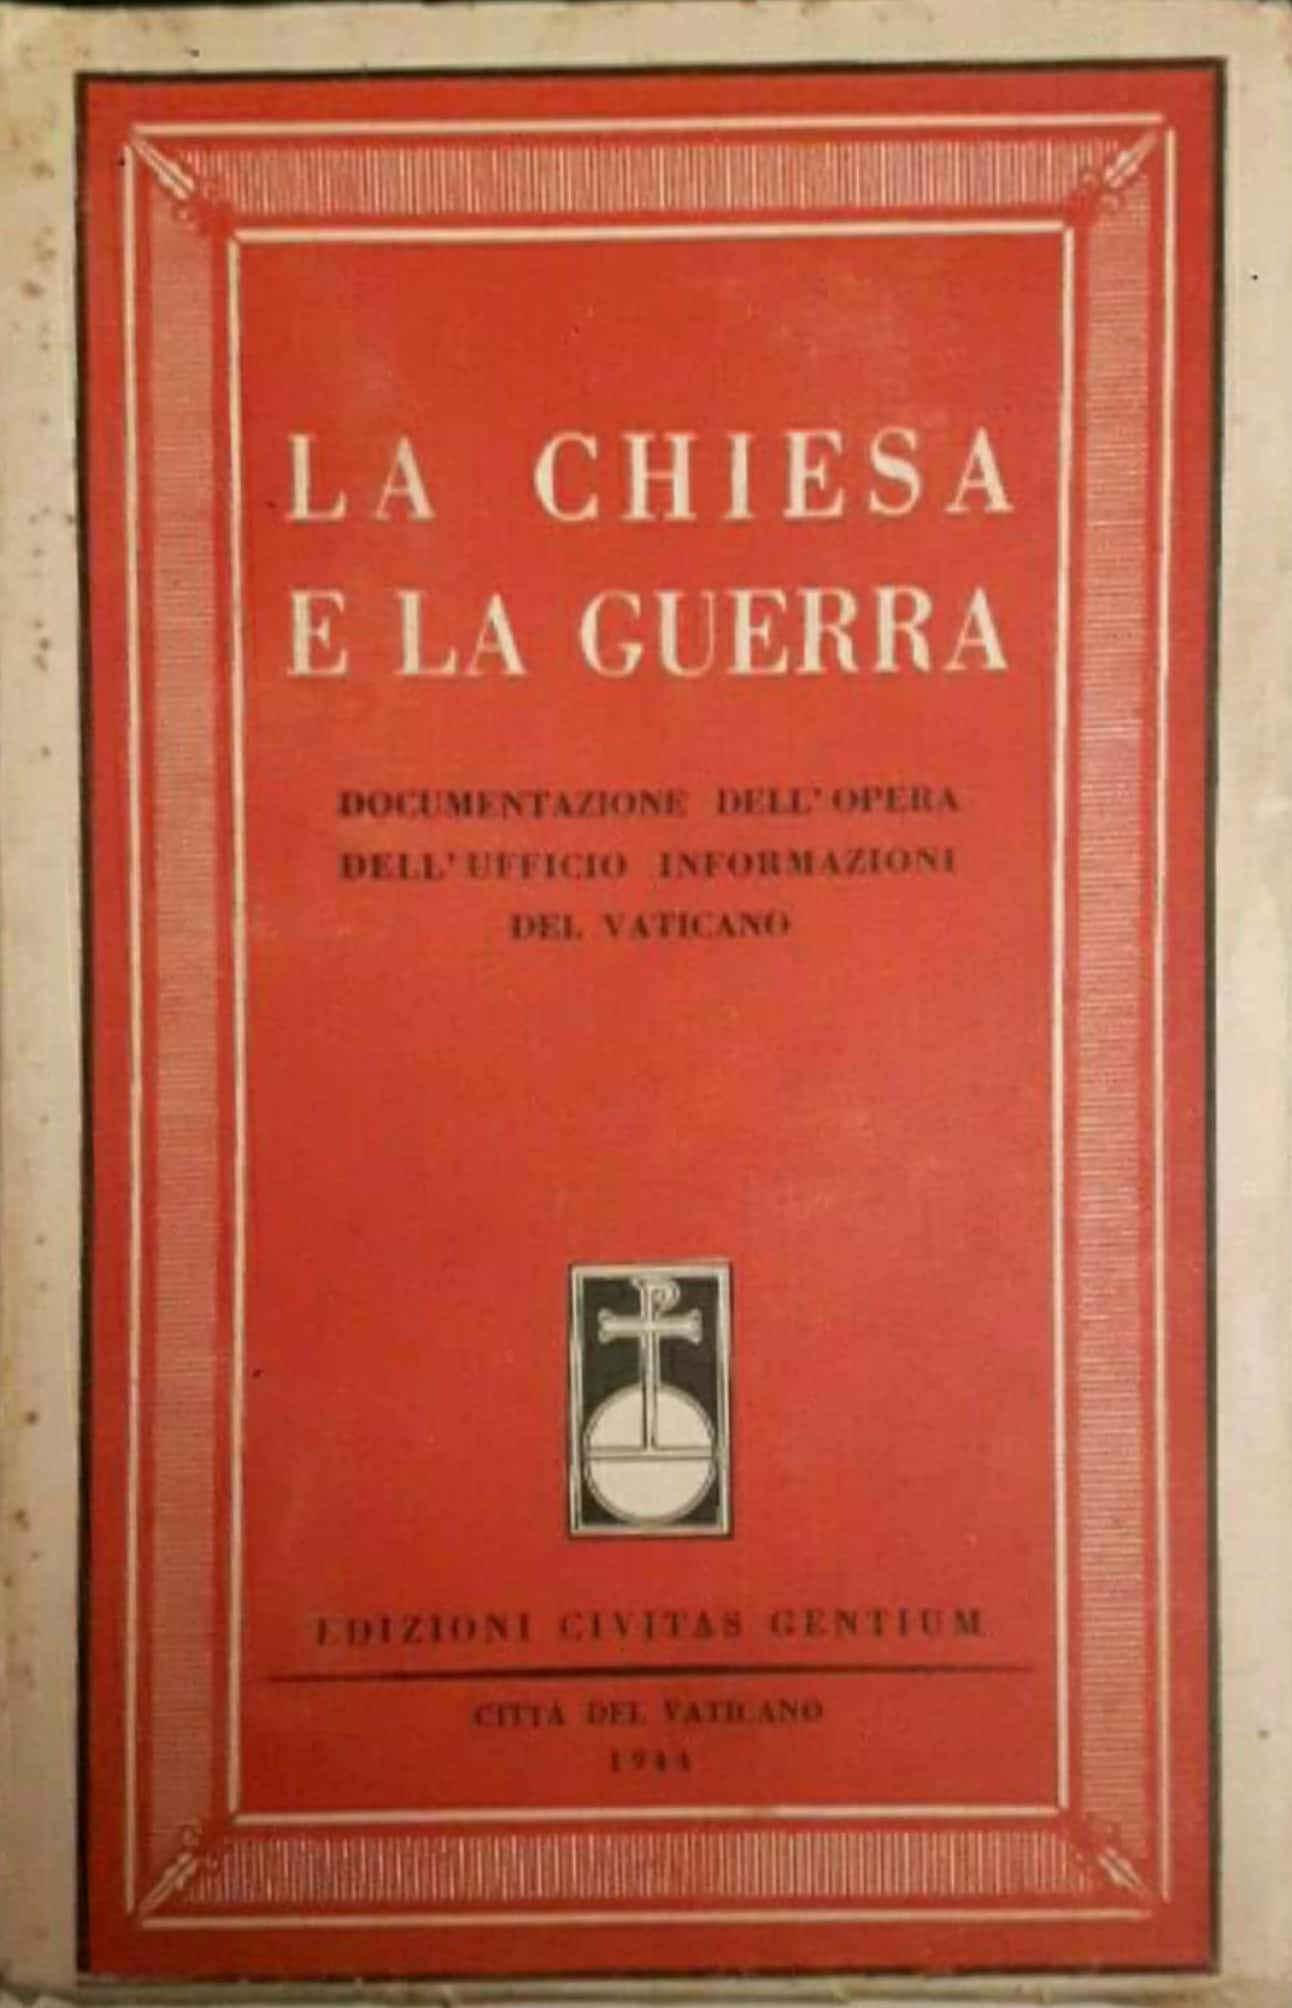 La Chiesa e la Guerra (e i dischi volanti?) delle Edizioni Civitas gentium